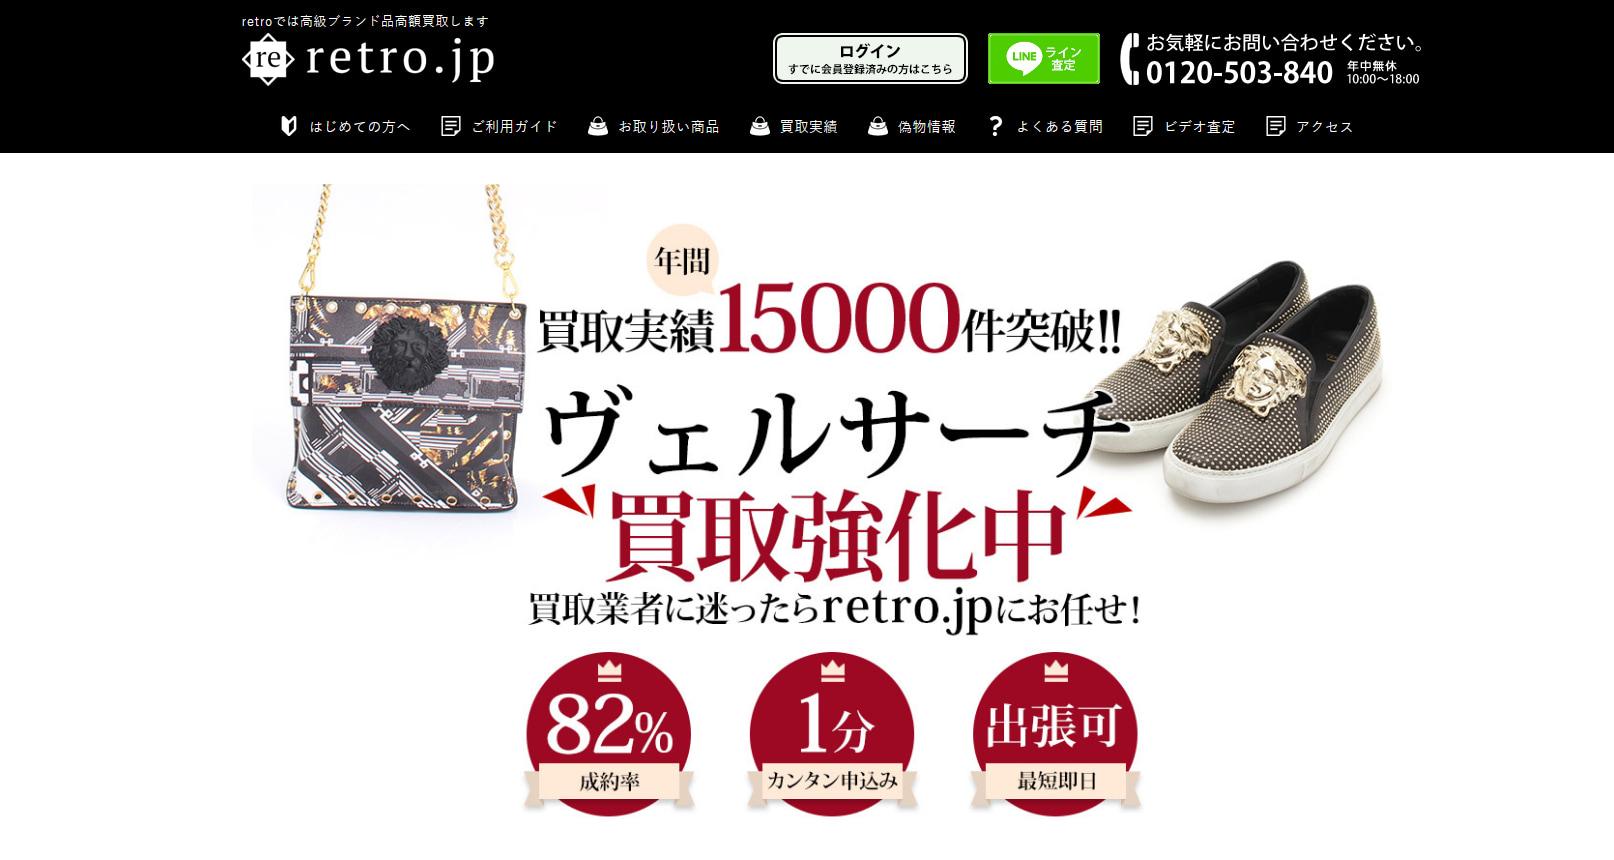 ヴェルサーチ買取おすすめ店retro.jp